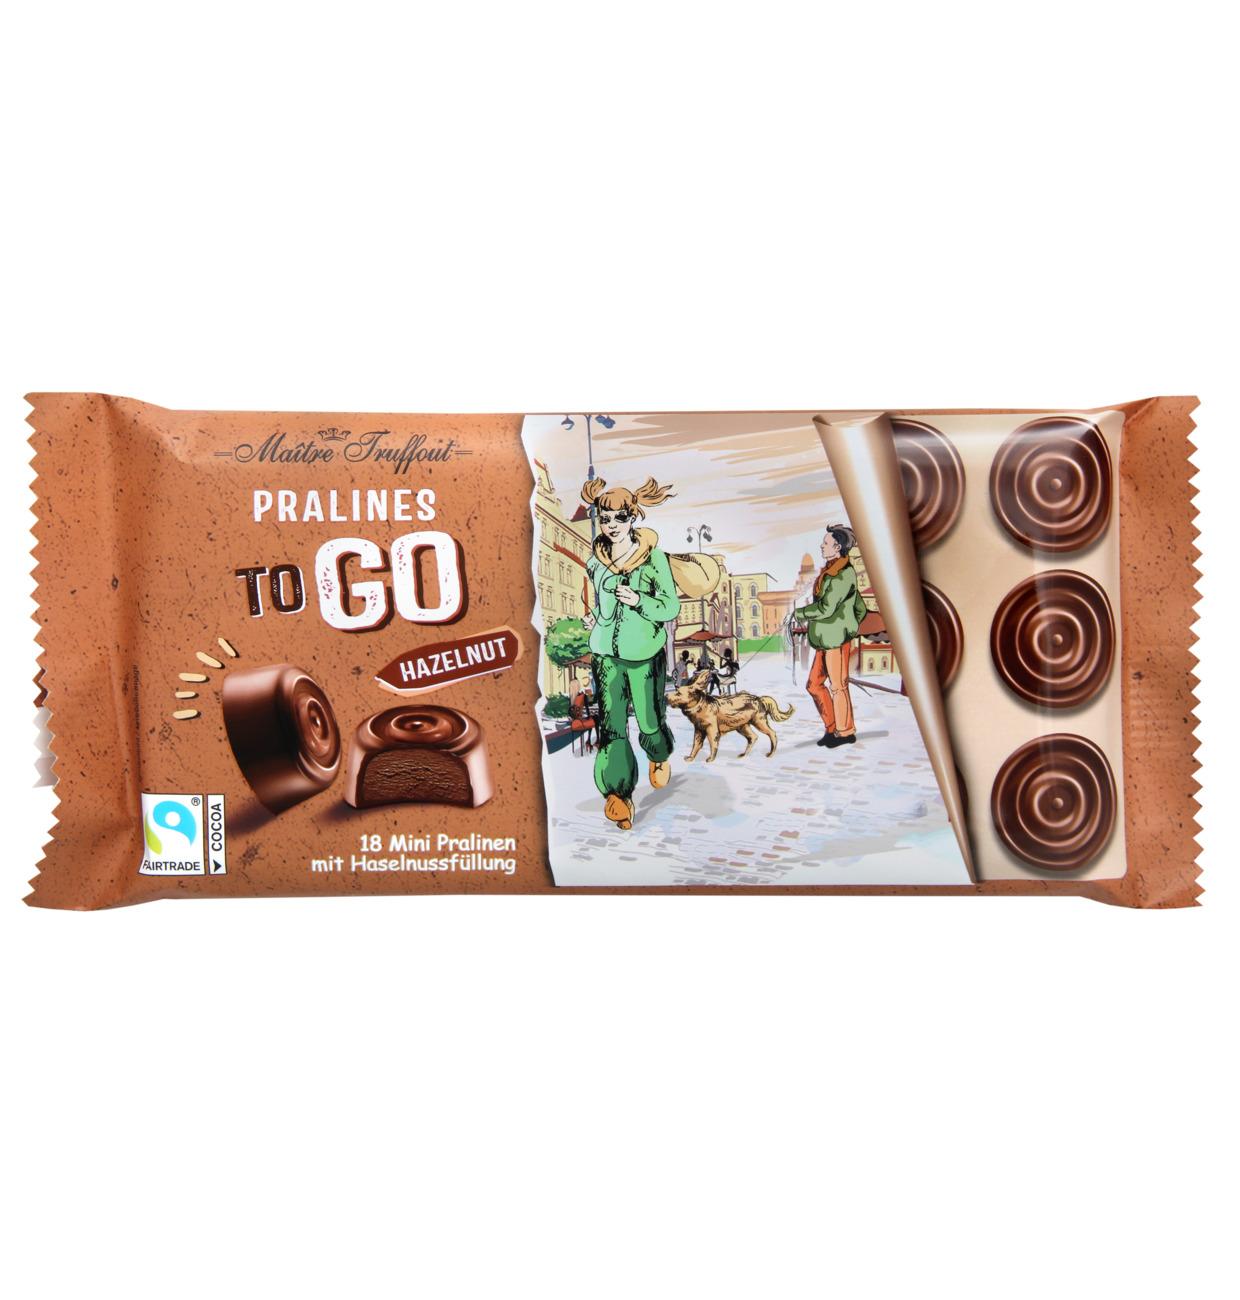 Pralinen TO GO Milchschokolade mit Haselnussfüllung